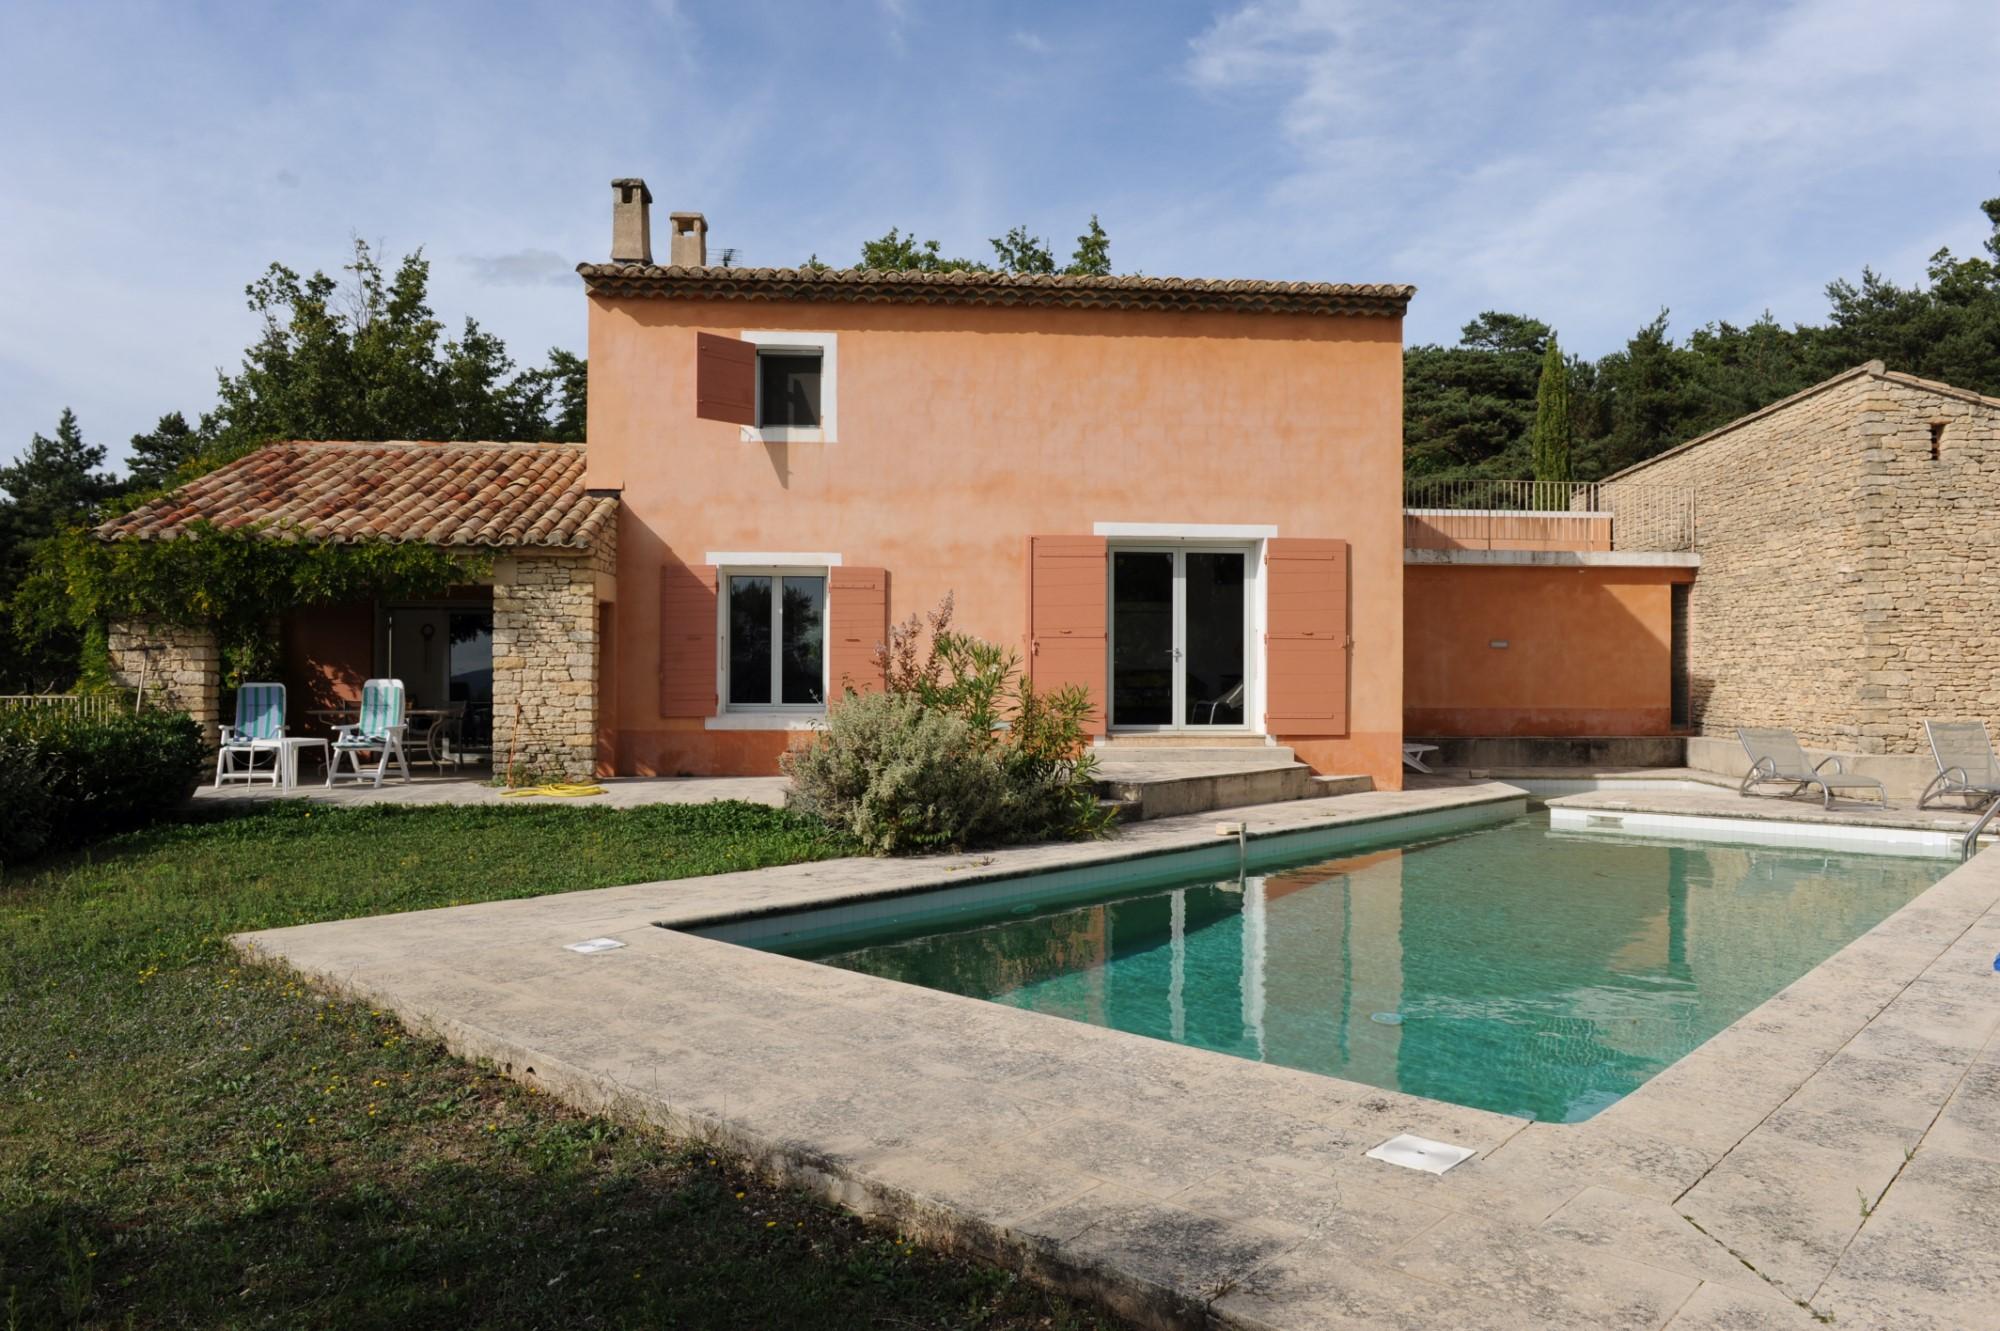 Maison contemporaine avec piscine à vendre en Provence